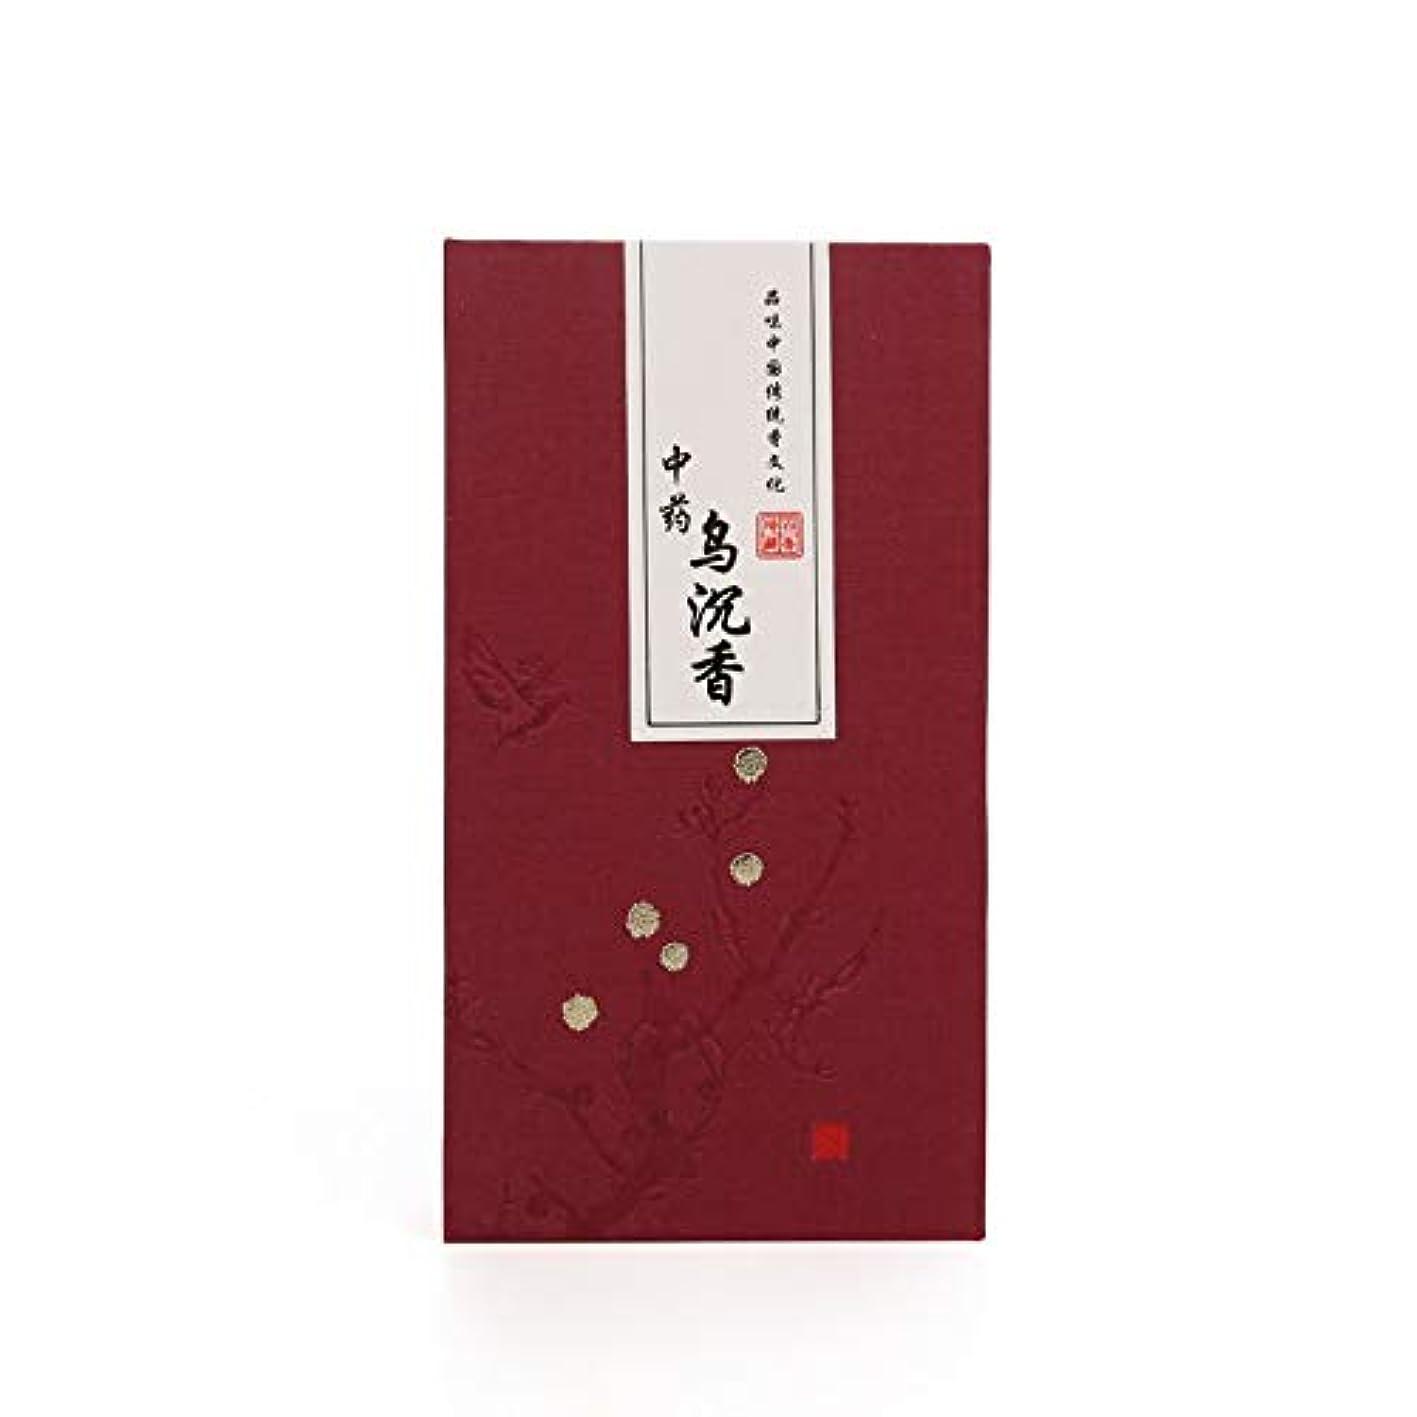 職業主張する屋内でDiatems - 絶妙な箱入りの天然白檀の香りのお香、香りの木、辺材、ヒノキ、2時間、長期的な仏香、アロマテラピー[鳥サンダルウッド]